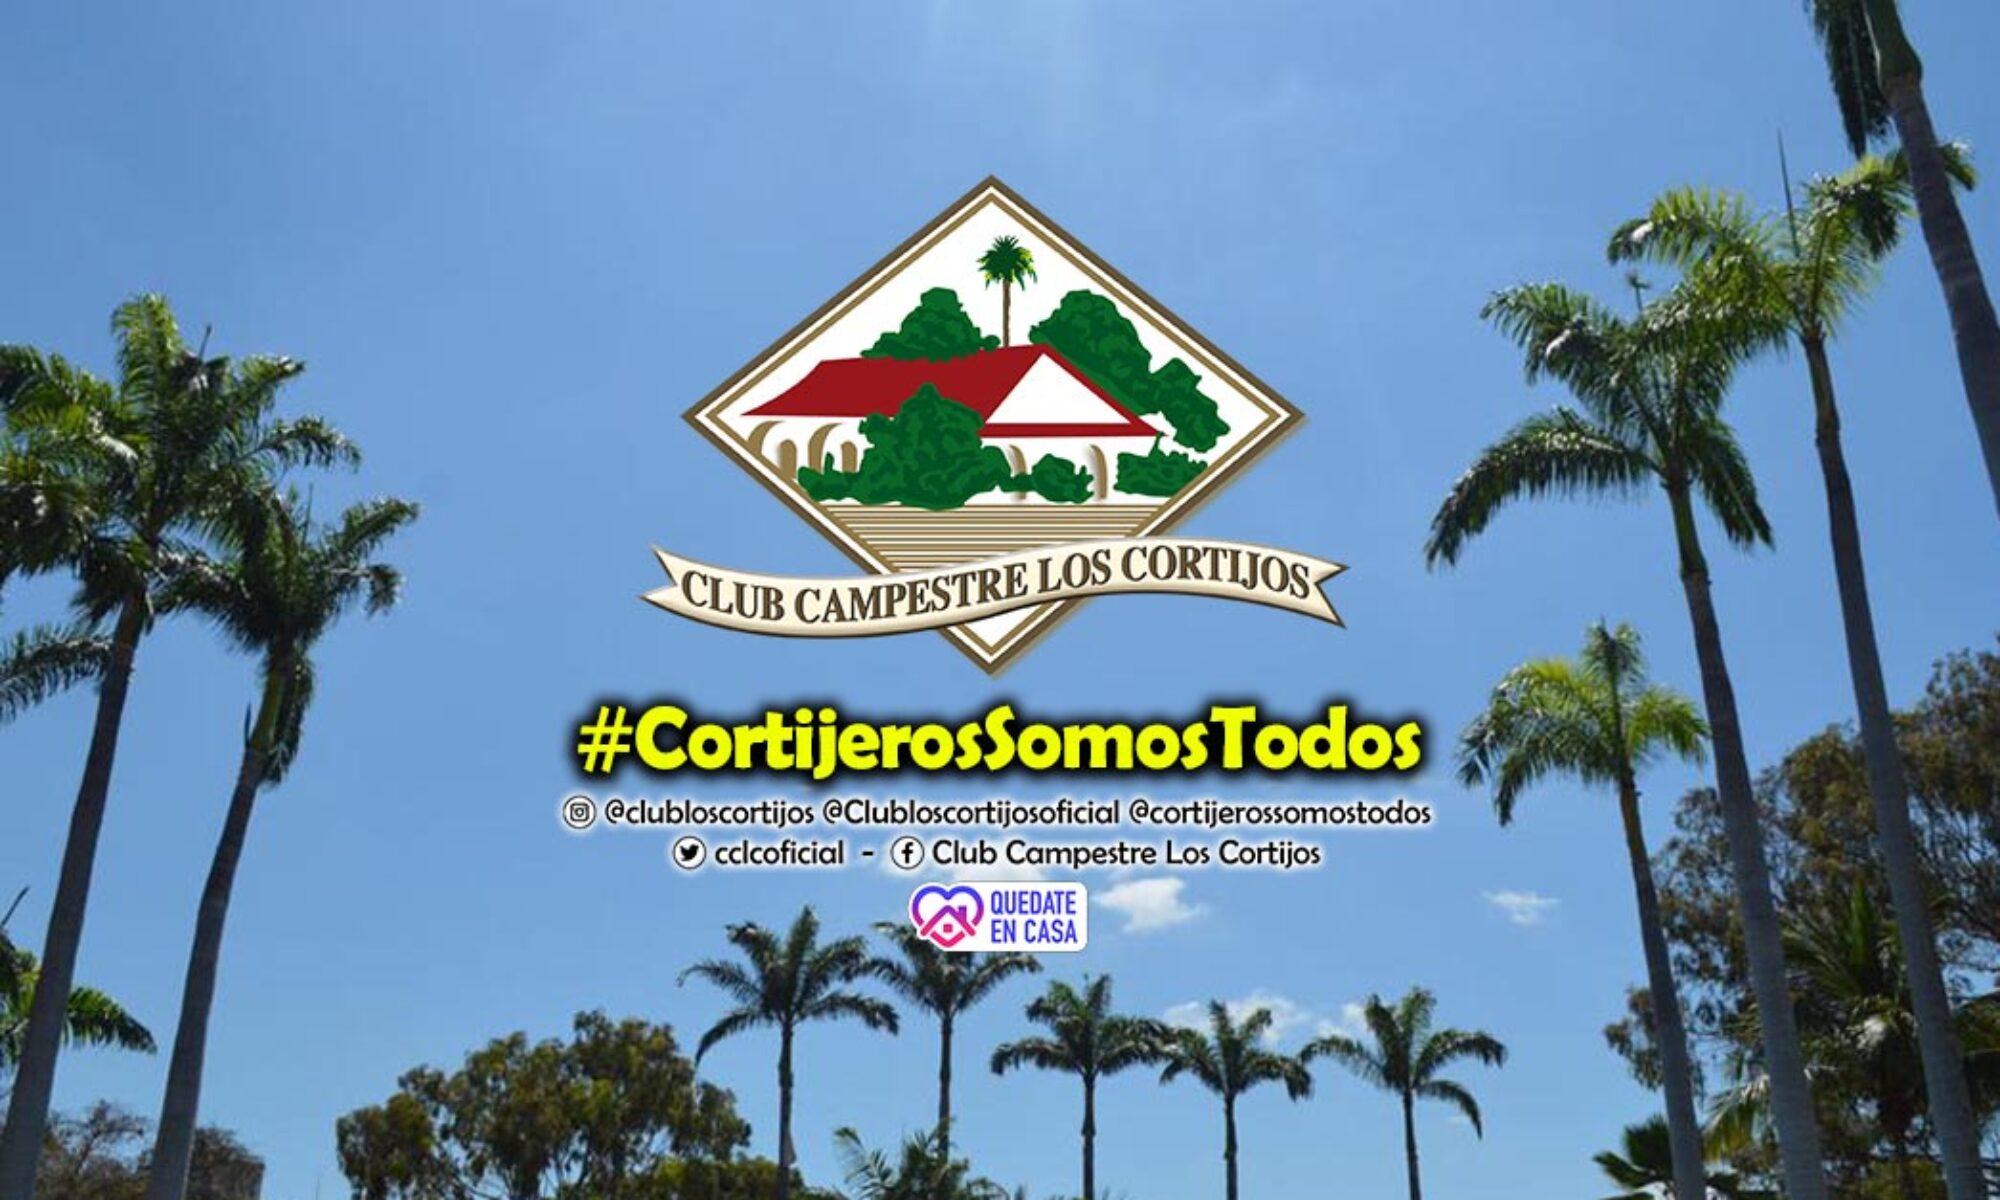 Club Campestre Los Cortijos